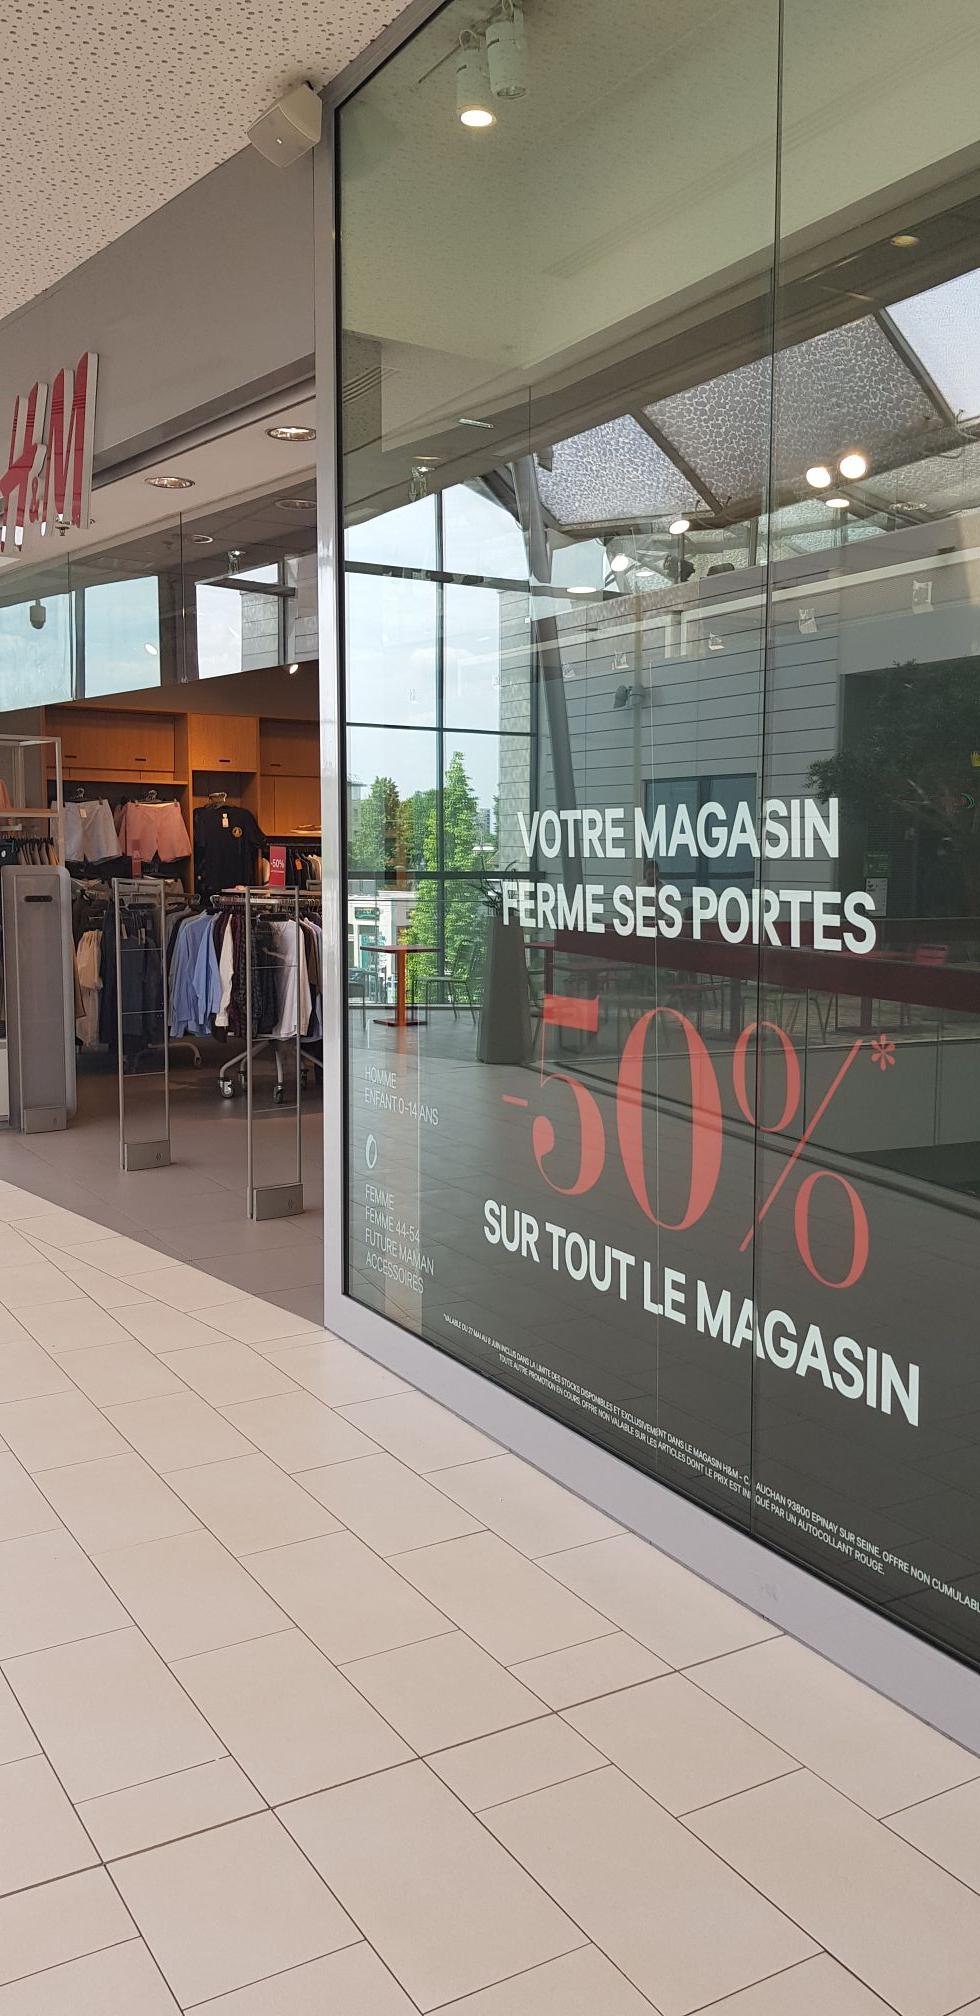 50% de réduction sur tout le magasin (liquidation) - Épinay-sur-Seine (93)